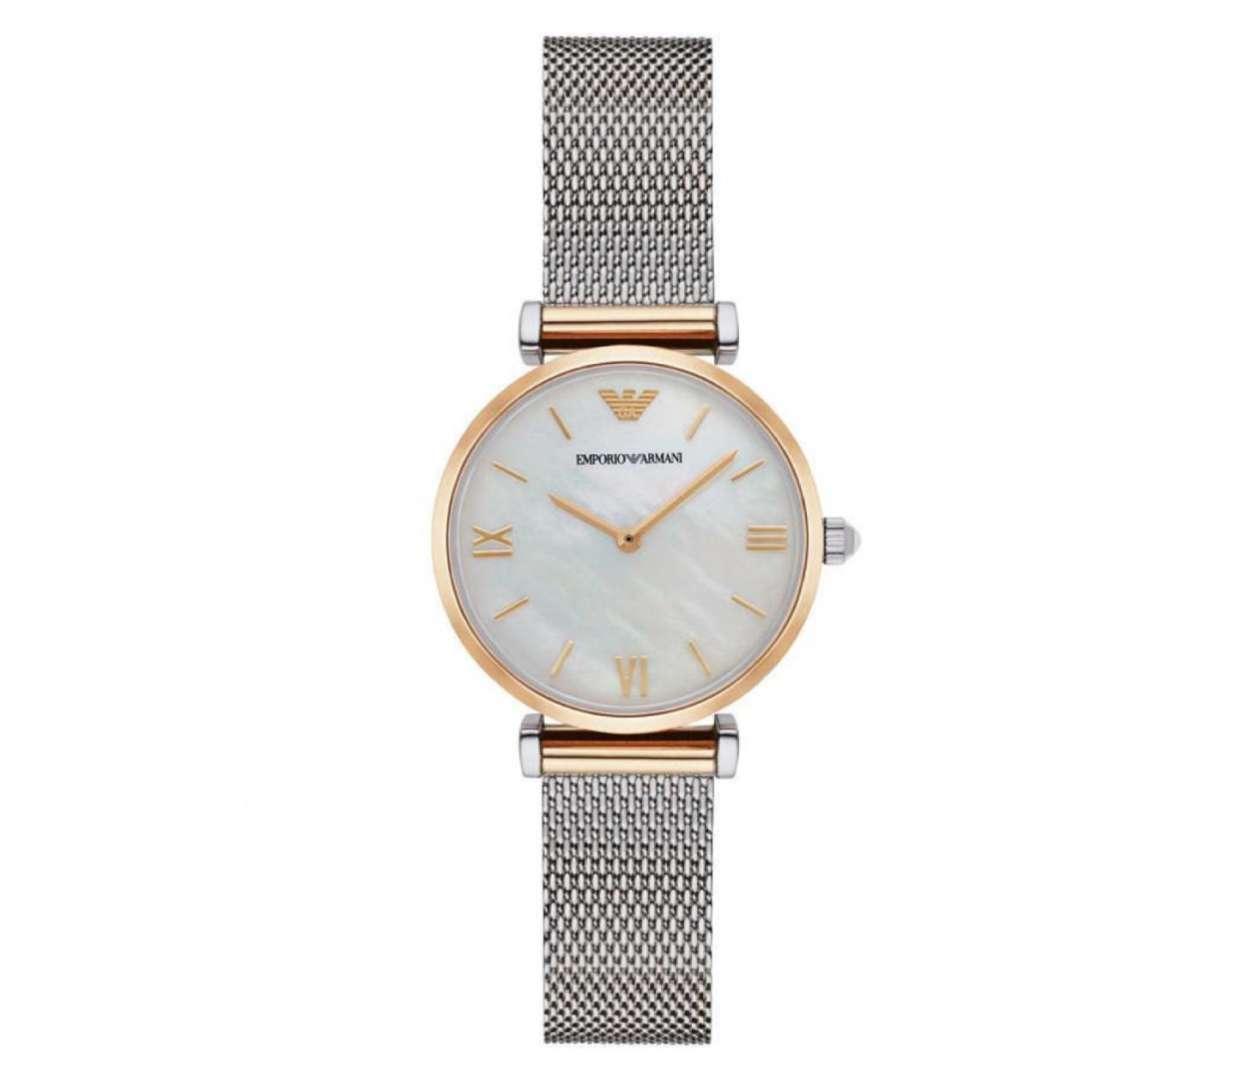 שעון יד אנלוגי לאישה emporio armani ar2068 אמפוריו ארמני